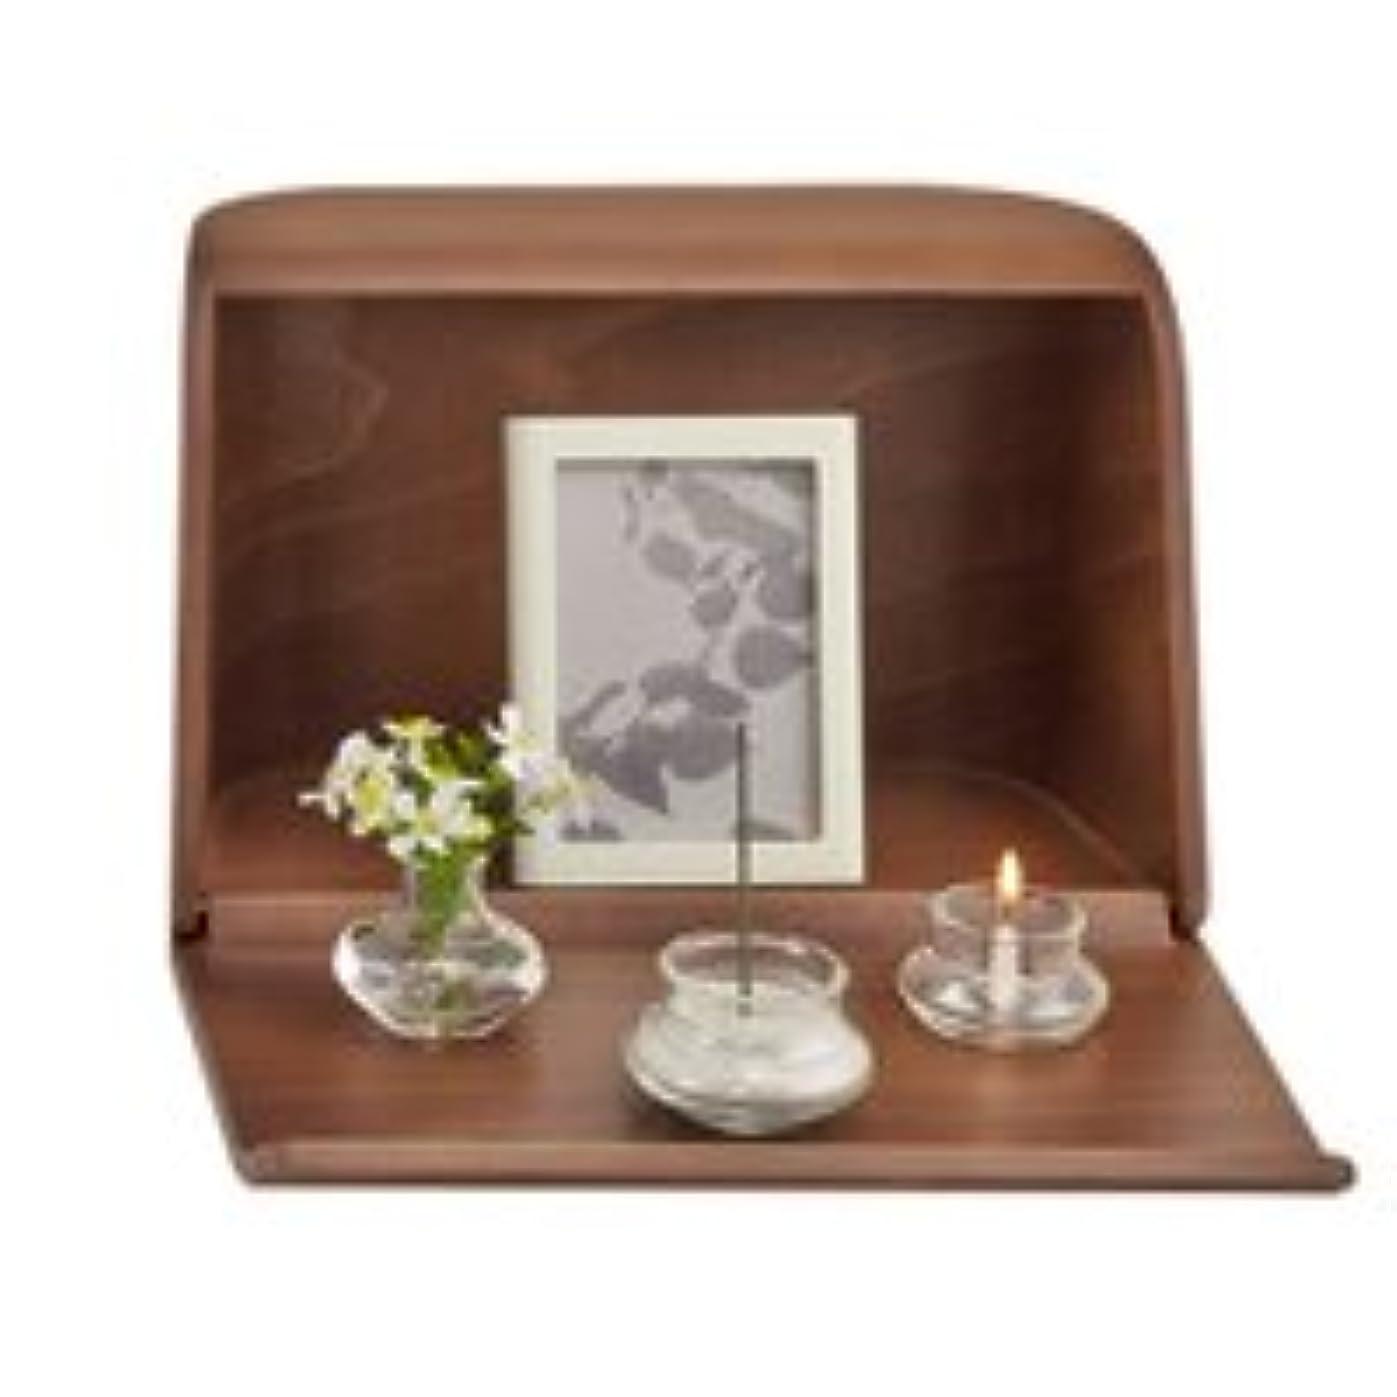 焦がすフォロー樫の木やさしい時間祈りの手箱ブラウン × 2個セット